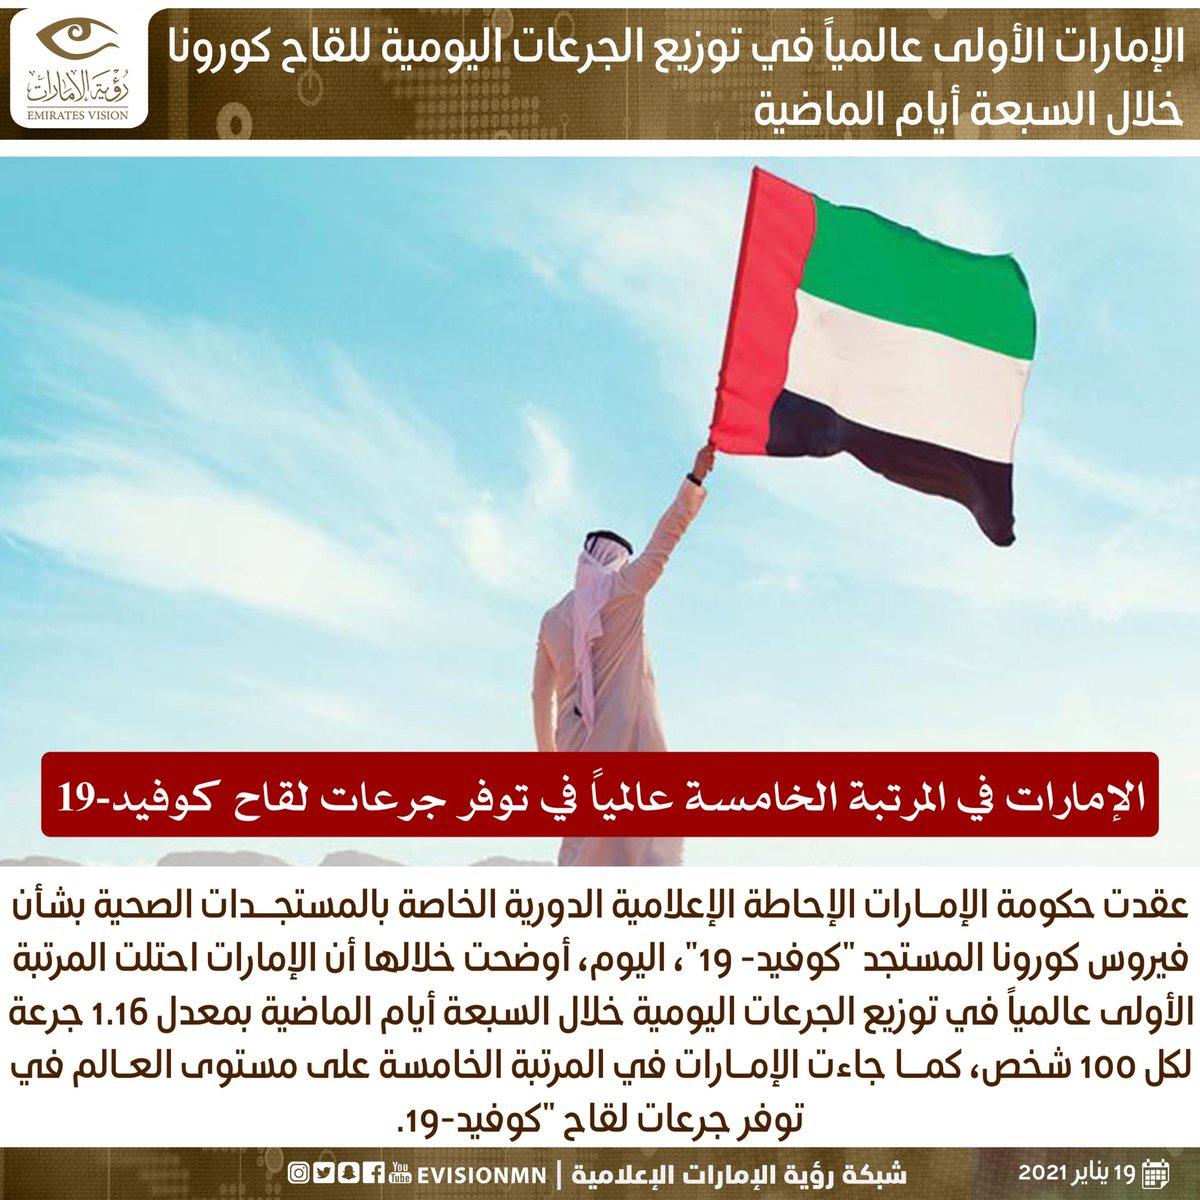 #الإمارات الأولى عالمياً في توزيع الجرعات اليومية للقاح #كورونا خلال السبعة أيام الماضية . #رؤية_الإمارات #عين_في_كل_مكان #كورونا #دبي #الامارات